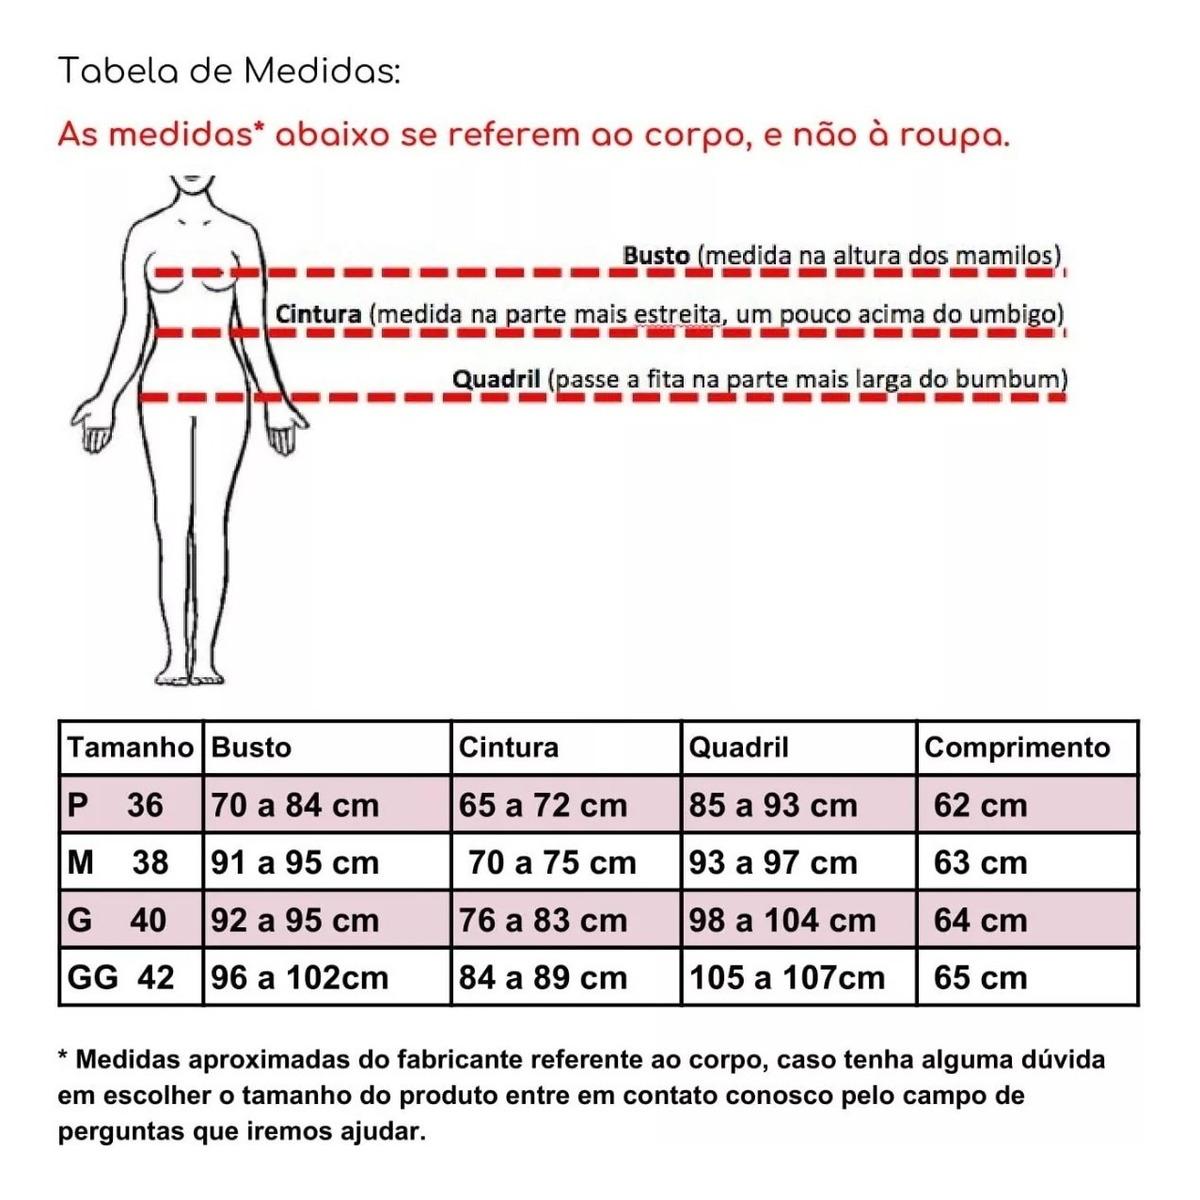 f2e5a08b69e5 Jaqueta Casaco Feminino Importado Capuz Removível - R$ 118,90 em ...